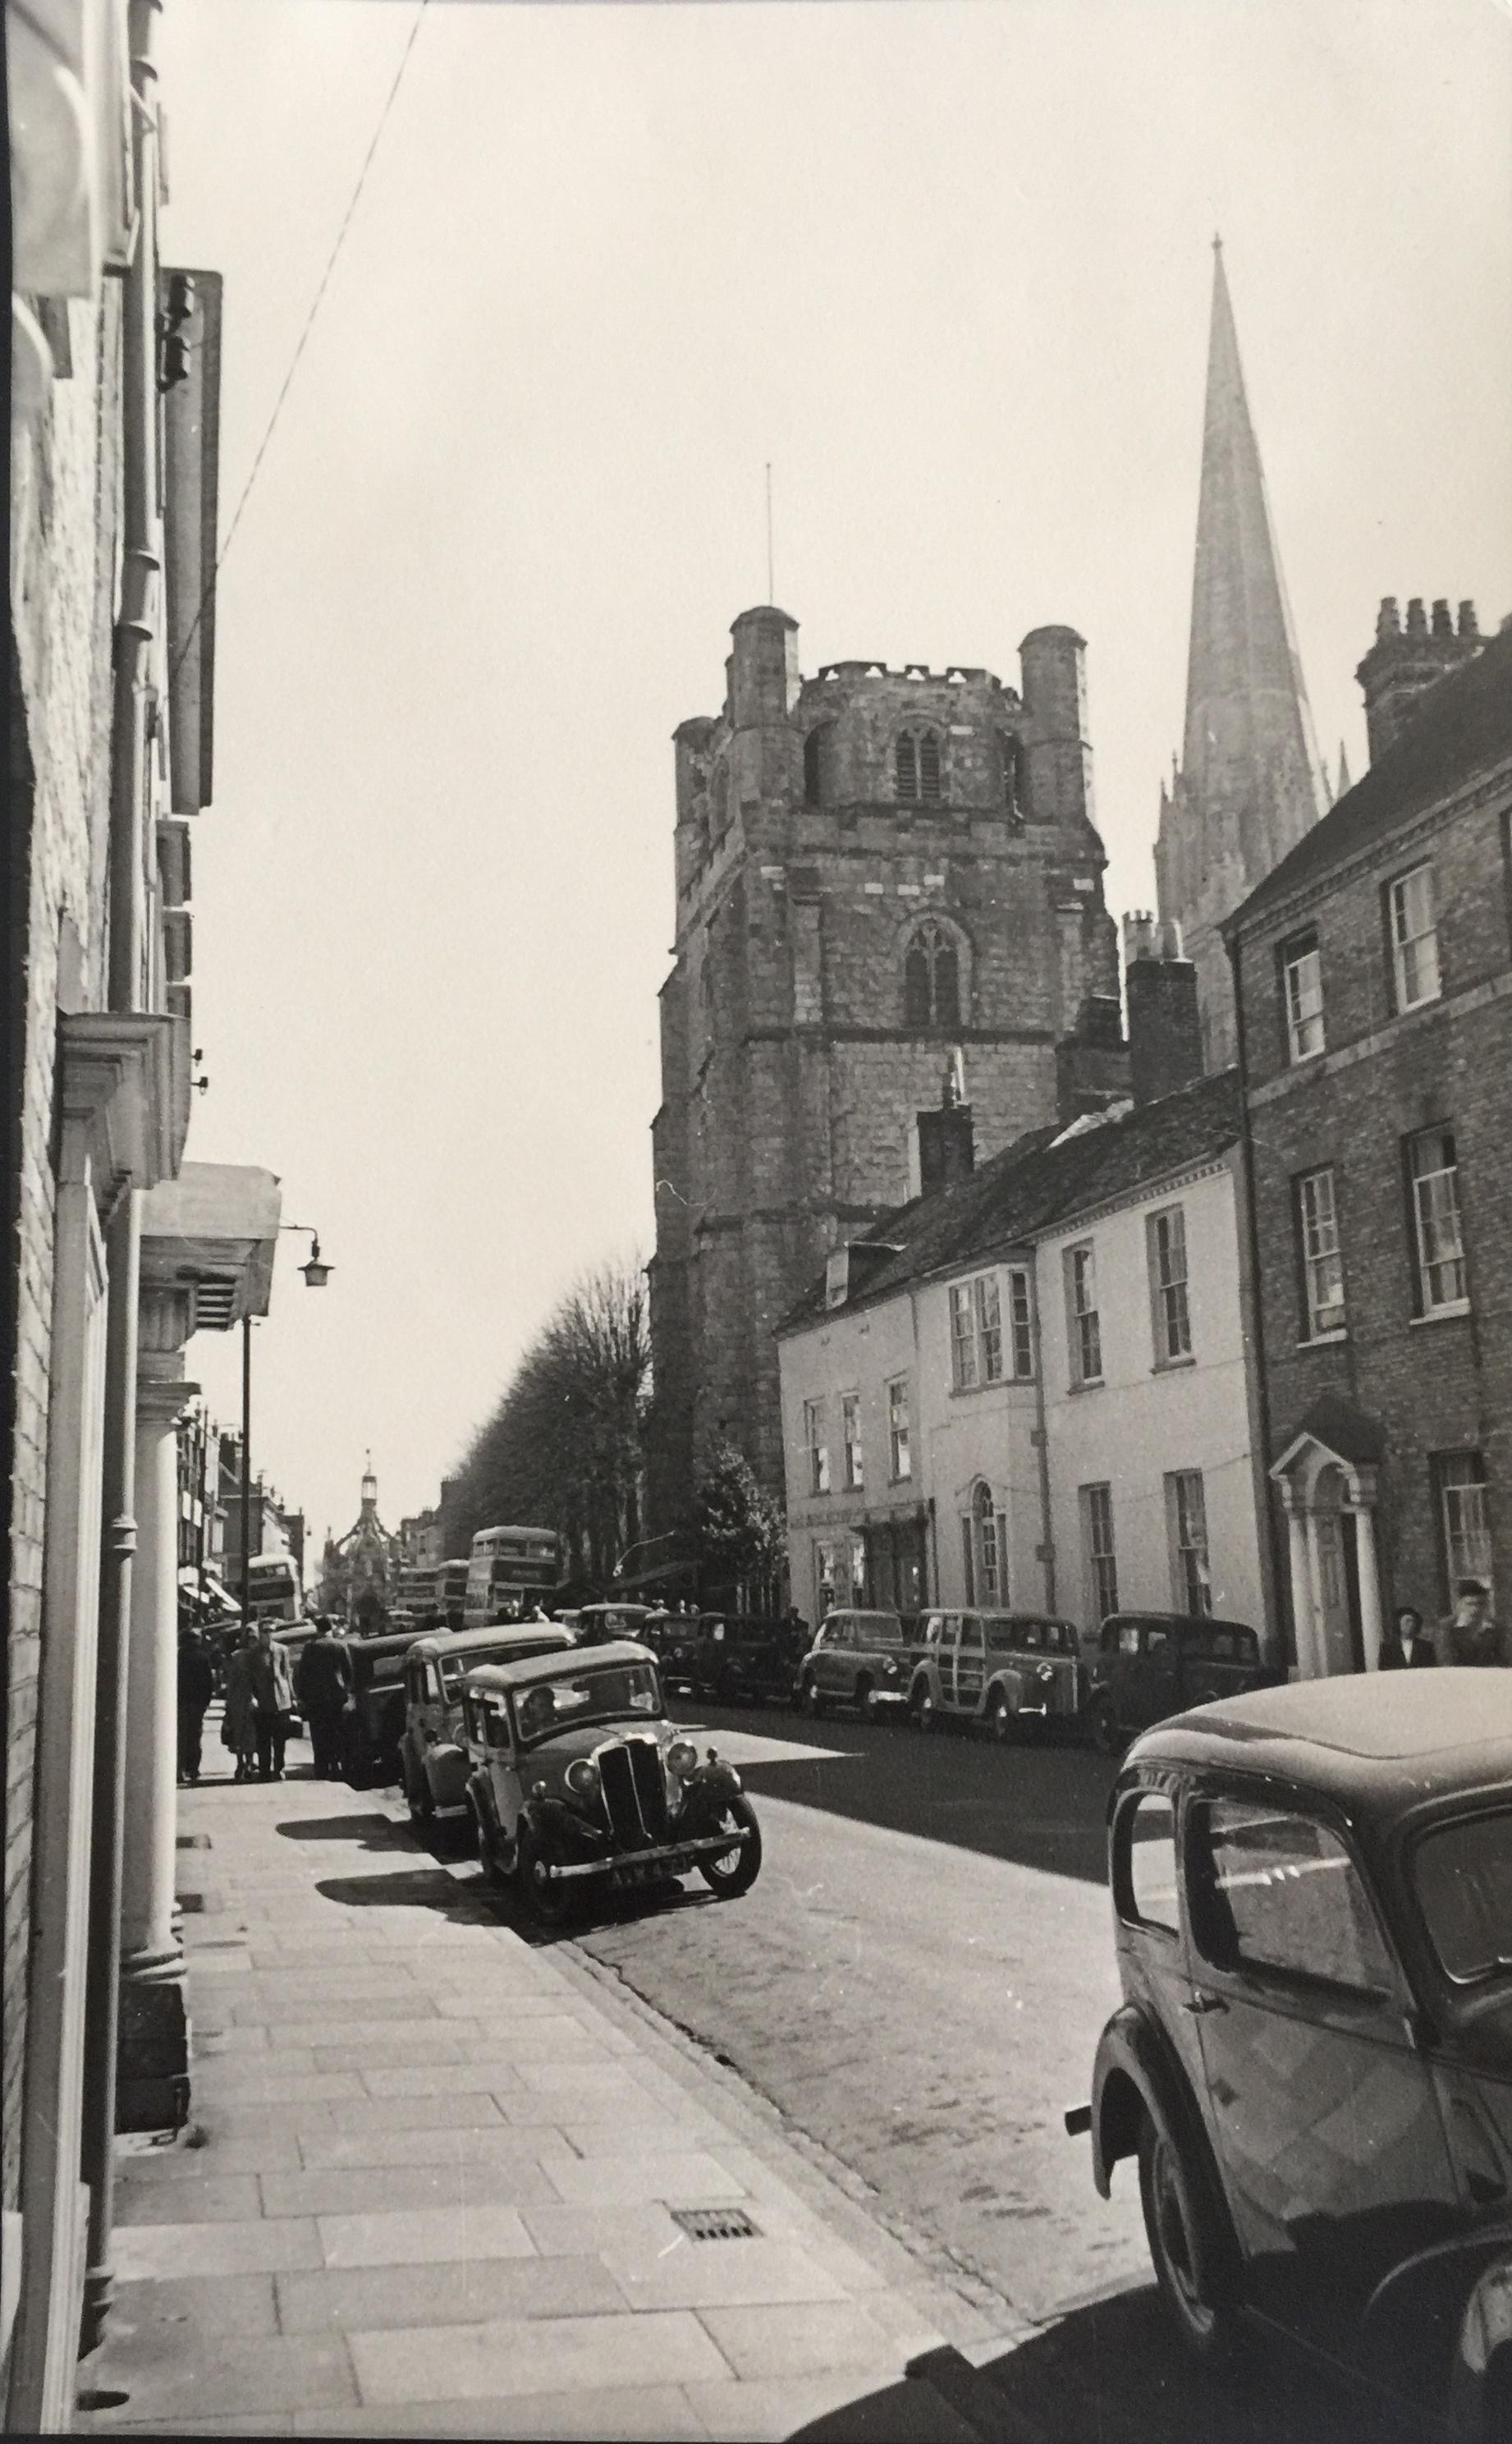 West Street, post-war? - Collection Ken Green